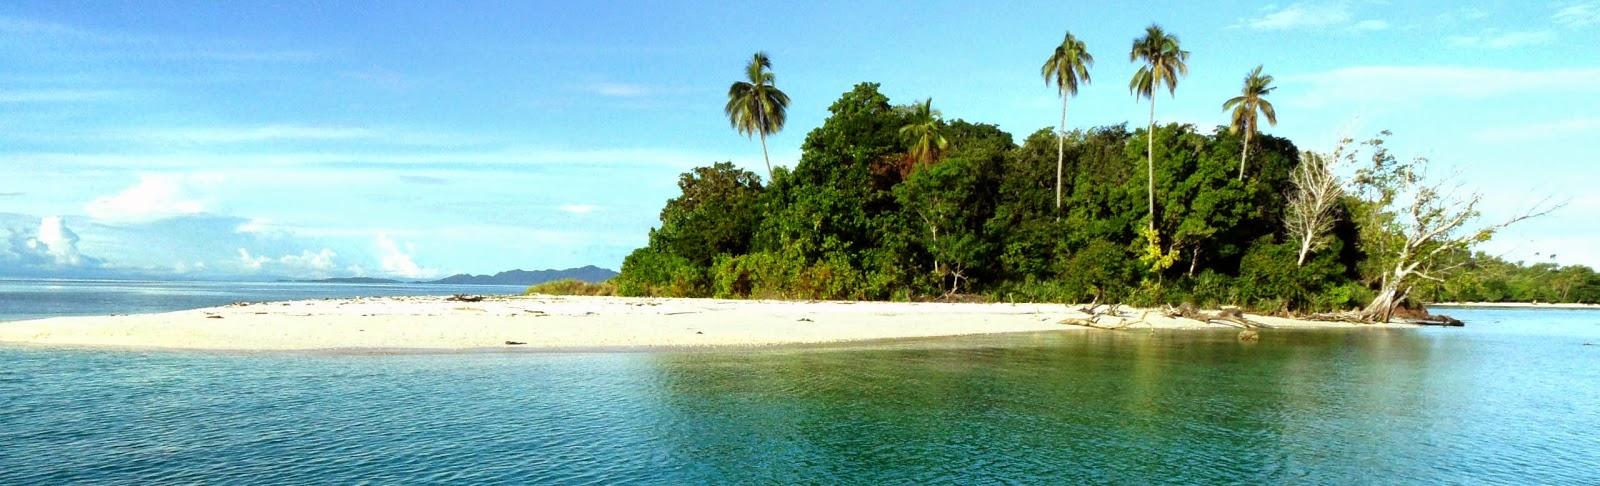 Guraici nama pulau kecil itu ... | A New Beginning